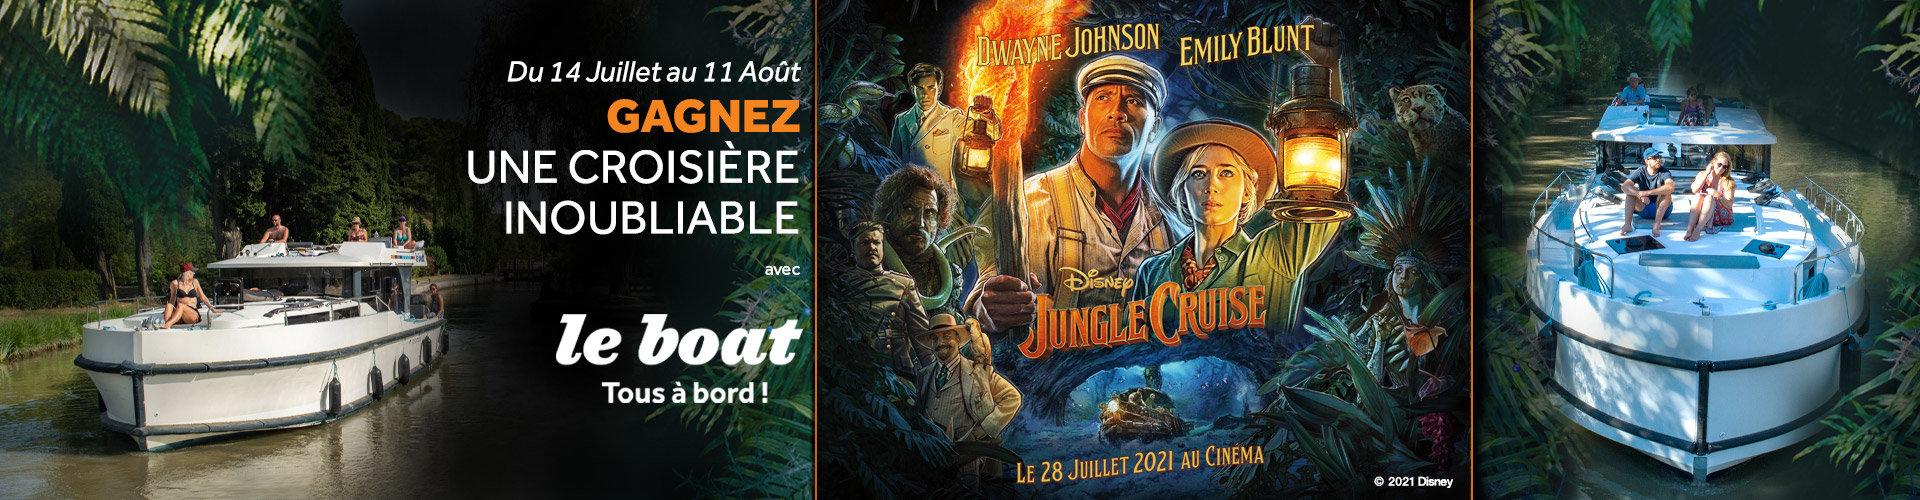 A l'occasion de la sortie de Jungle Cruise, le nouveau film événement des Studios Disney, le 28 juillet prochain au cinéma, Le Boat vous offre une croisière inoubliable.